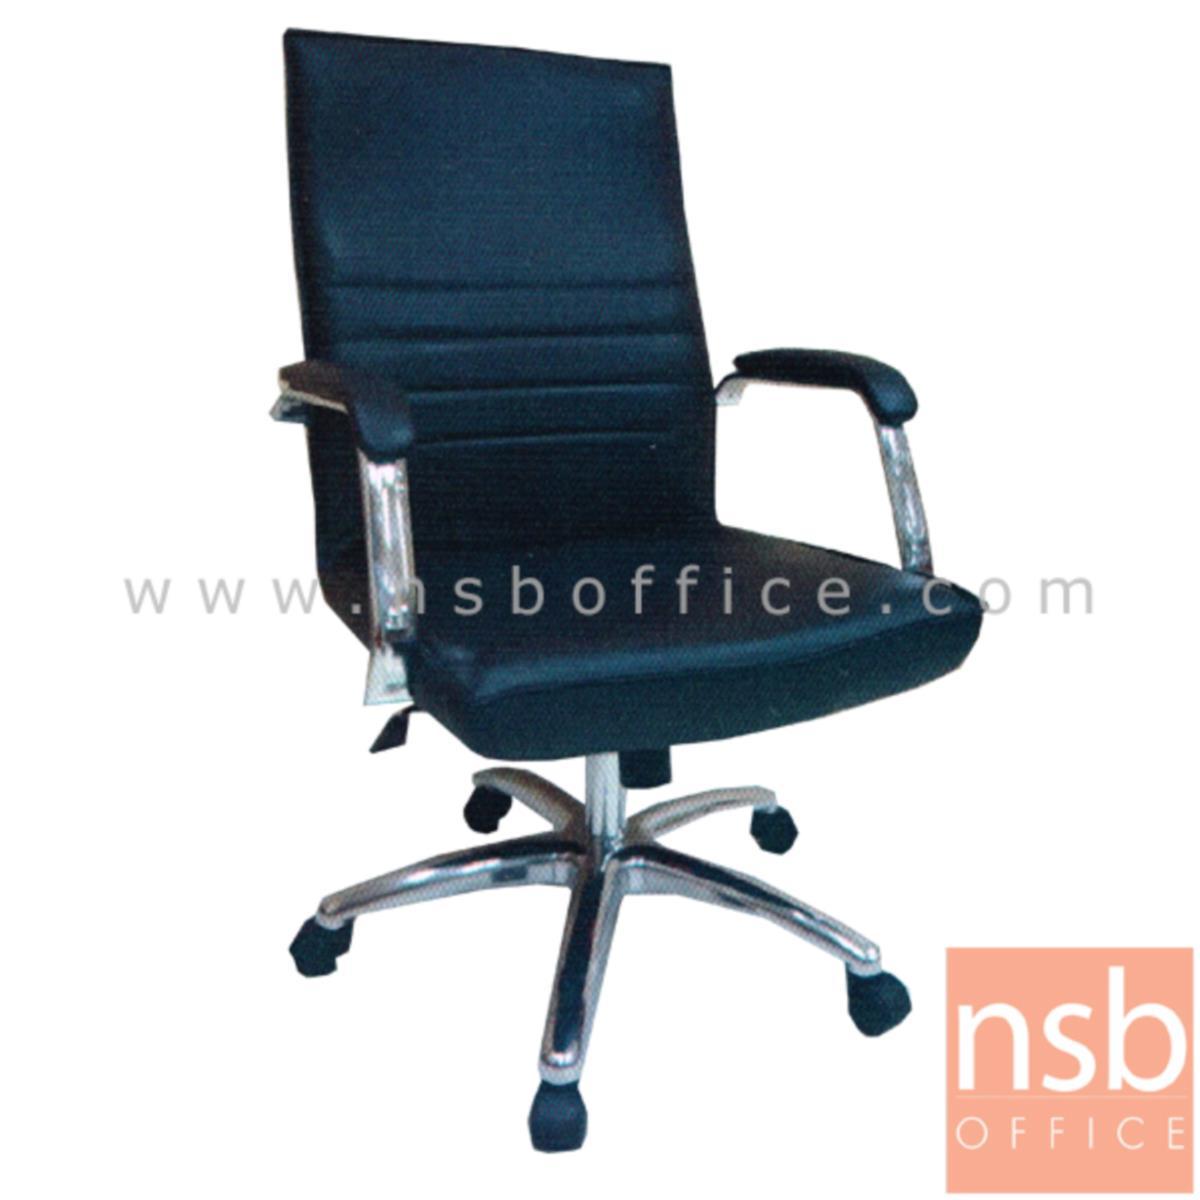 B26A077:เก้าอี้สำนักงาน รุ่น Rowland (โรลแลนด์)  โช๊คแก๊ส มีก้อนโยก ขาอลูมิเนียม